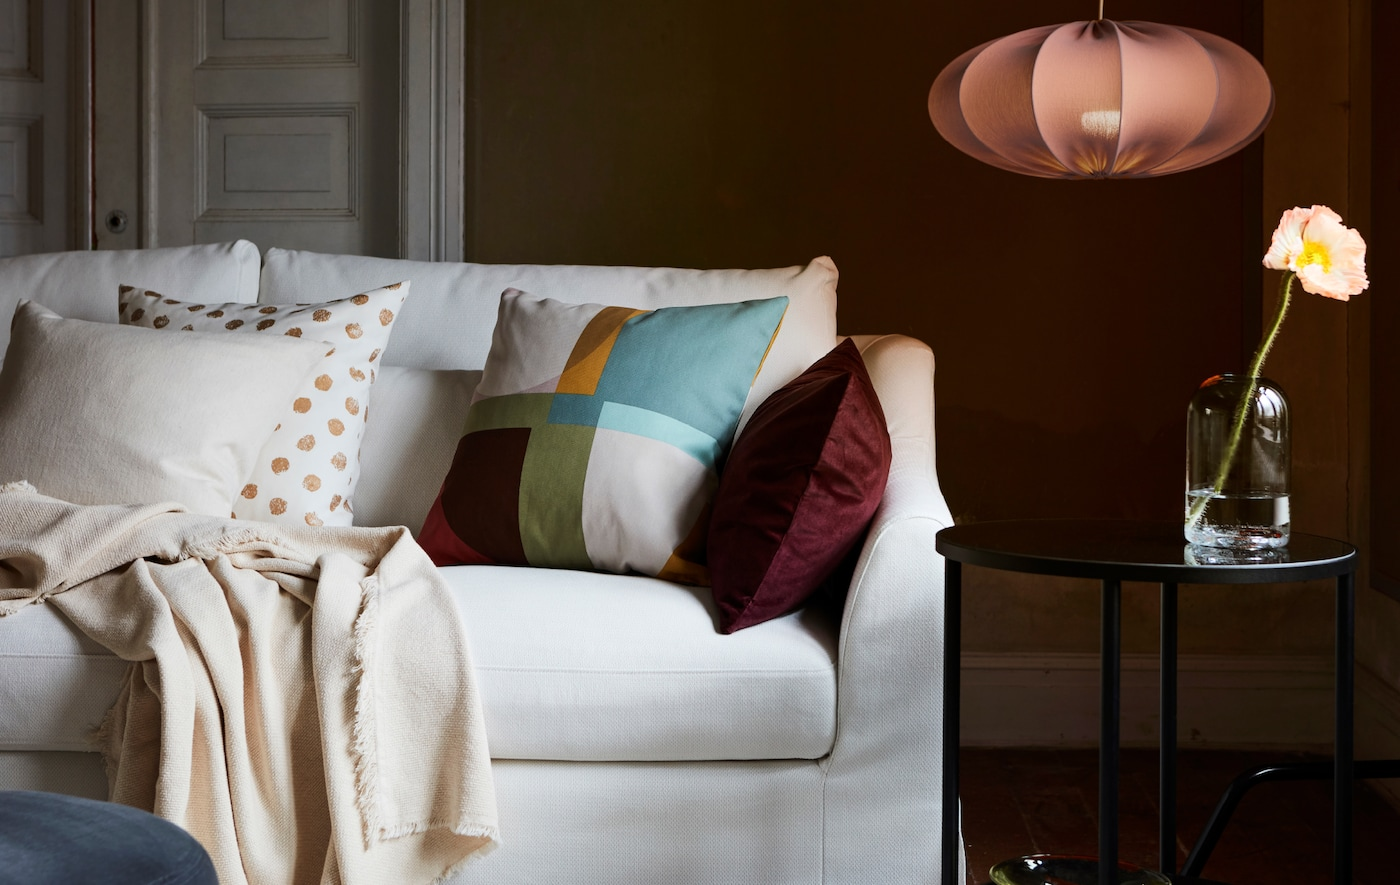 Ei stue med en hvit sofa med forskjellige puter og et pledd. Ved siden av sofaen er det et lite svart bord og ei REGNSKUR lampe.